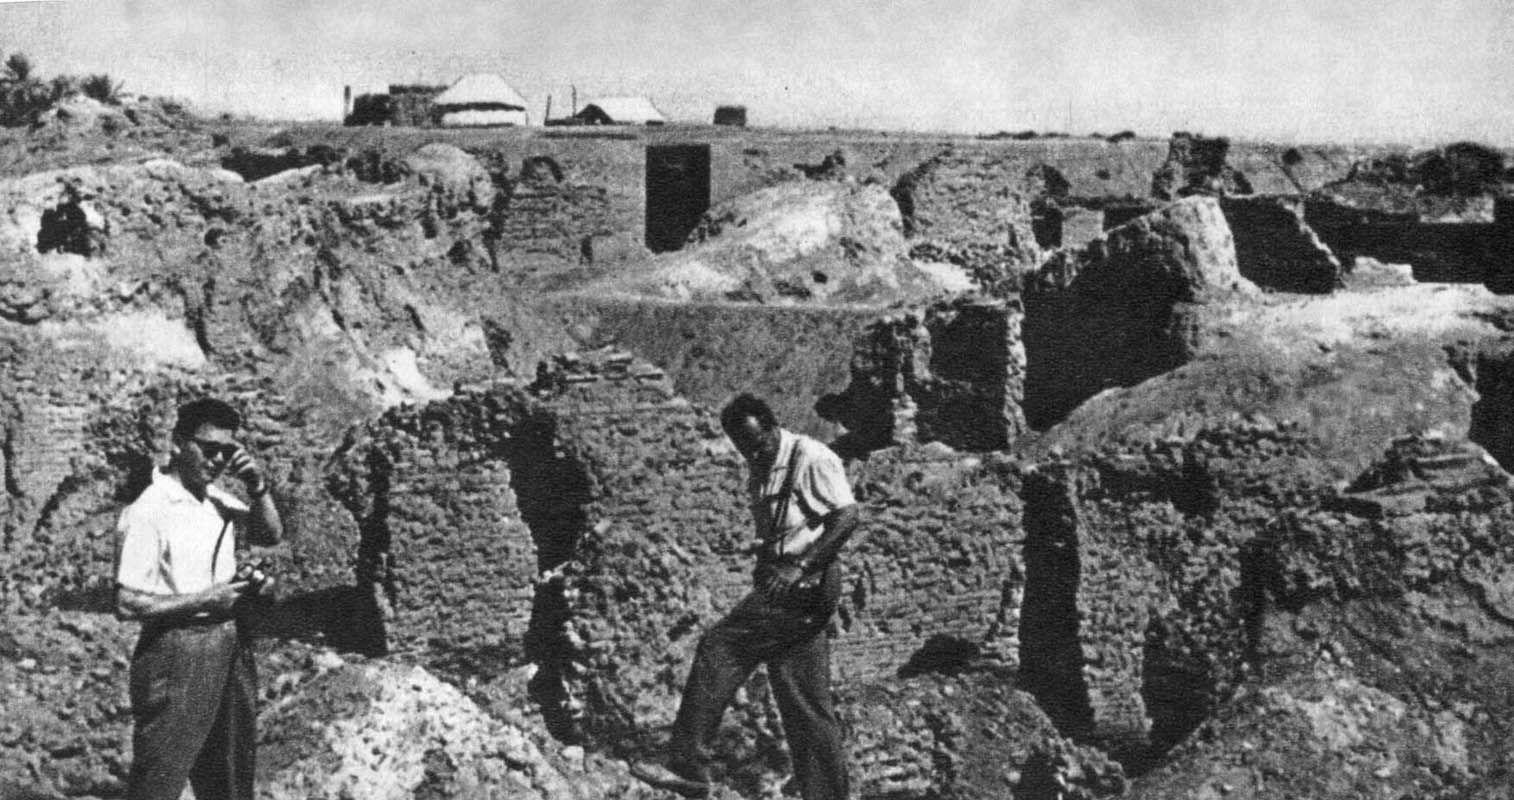 Экспонат #132. Ирак. 1959 год